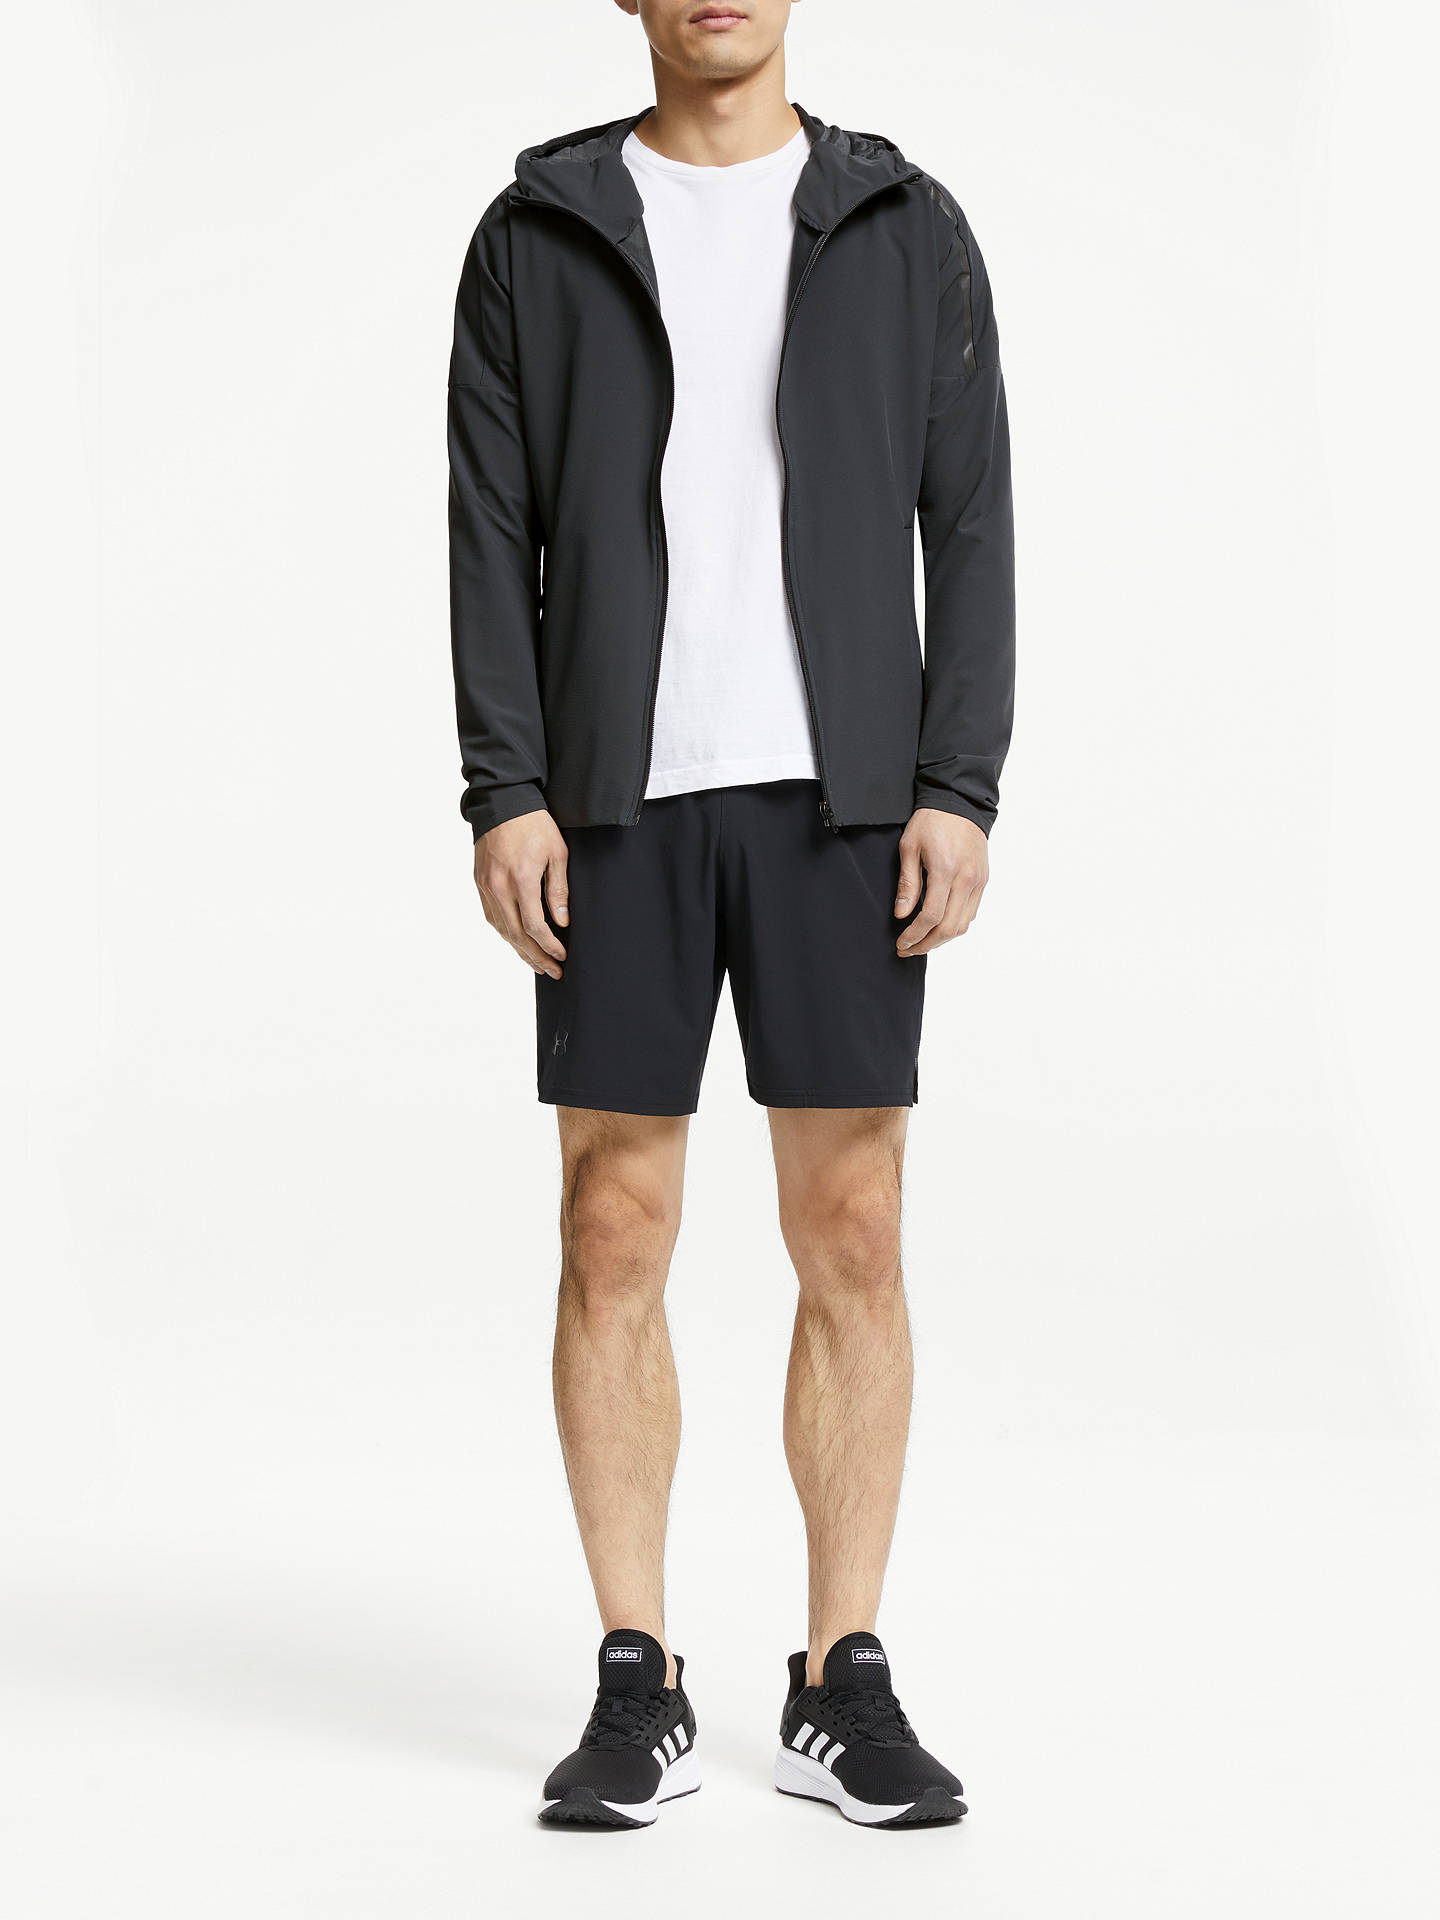 adidas Z.N.E. Men's Running Jacket, Carbon at John Lewis